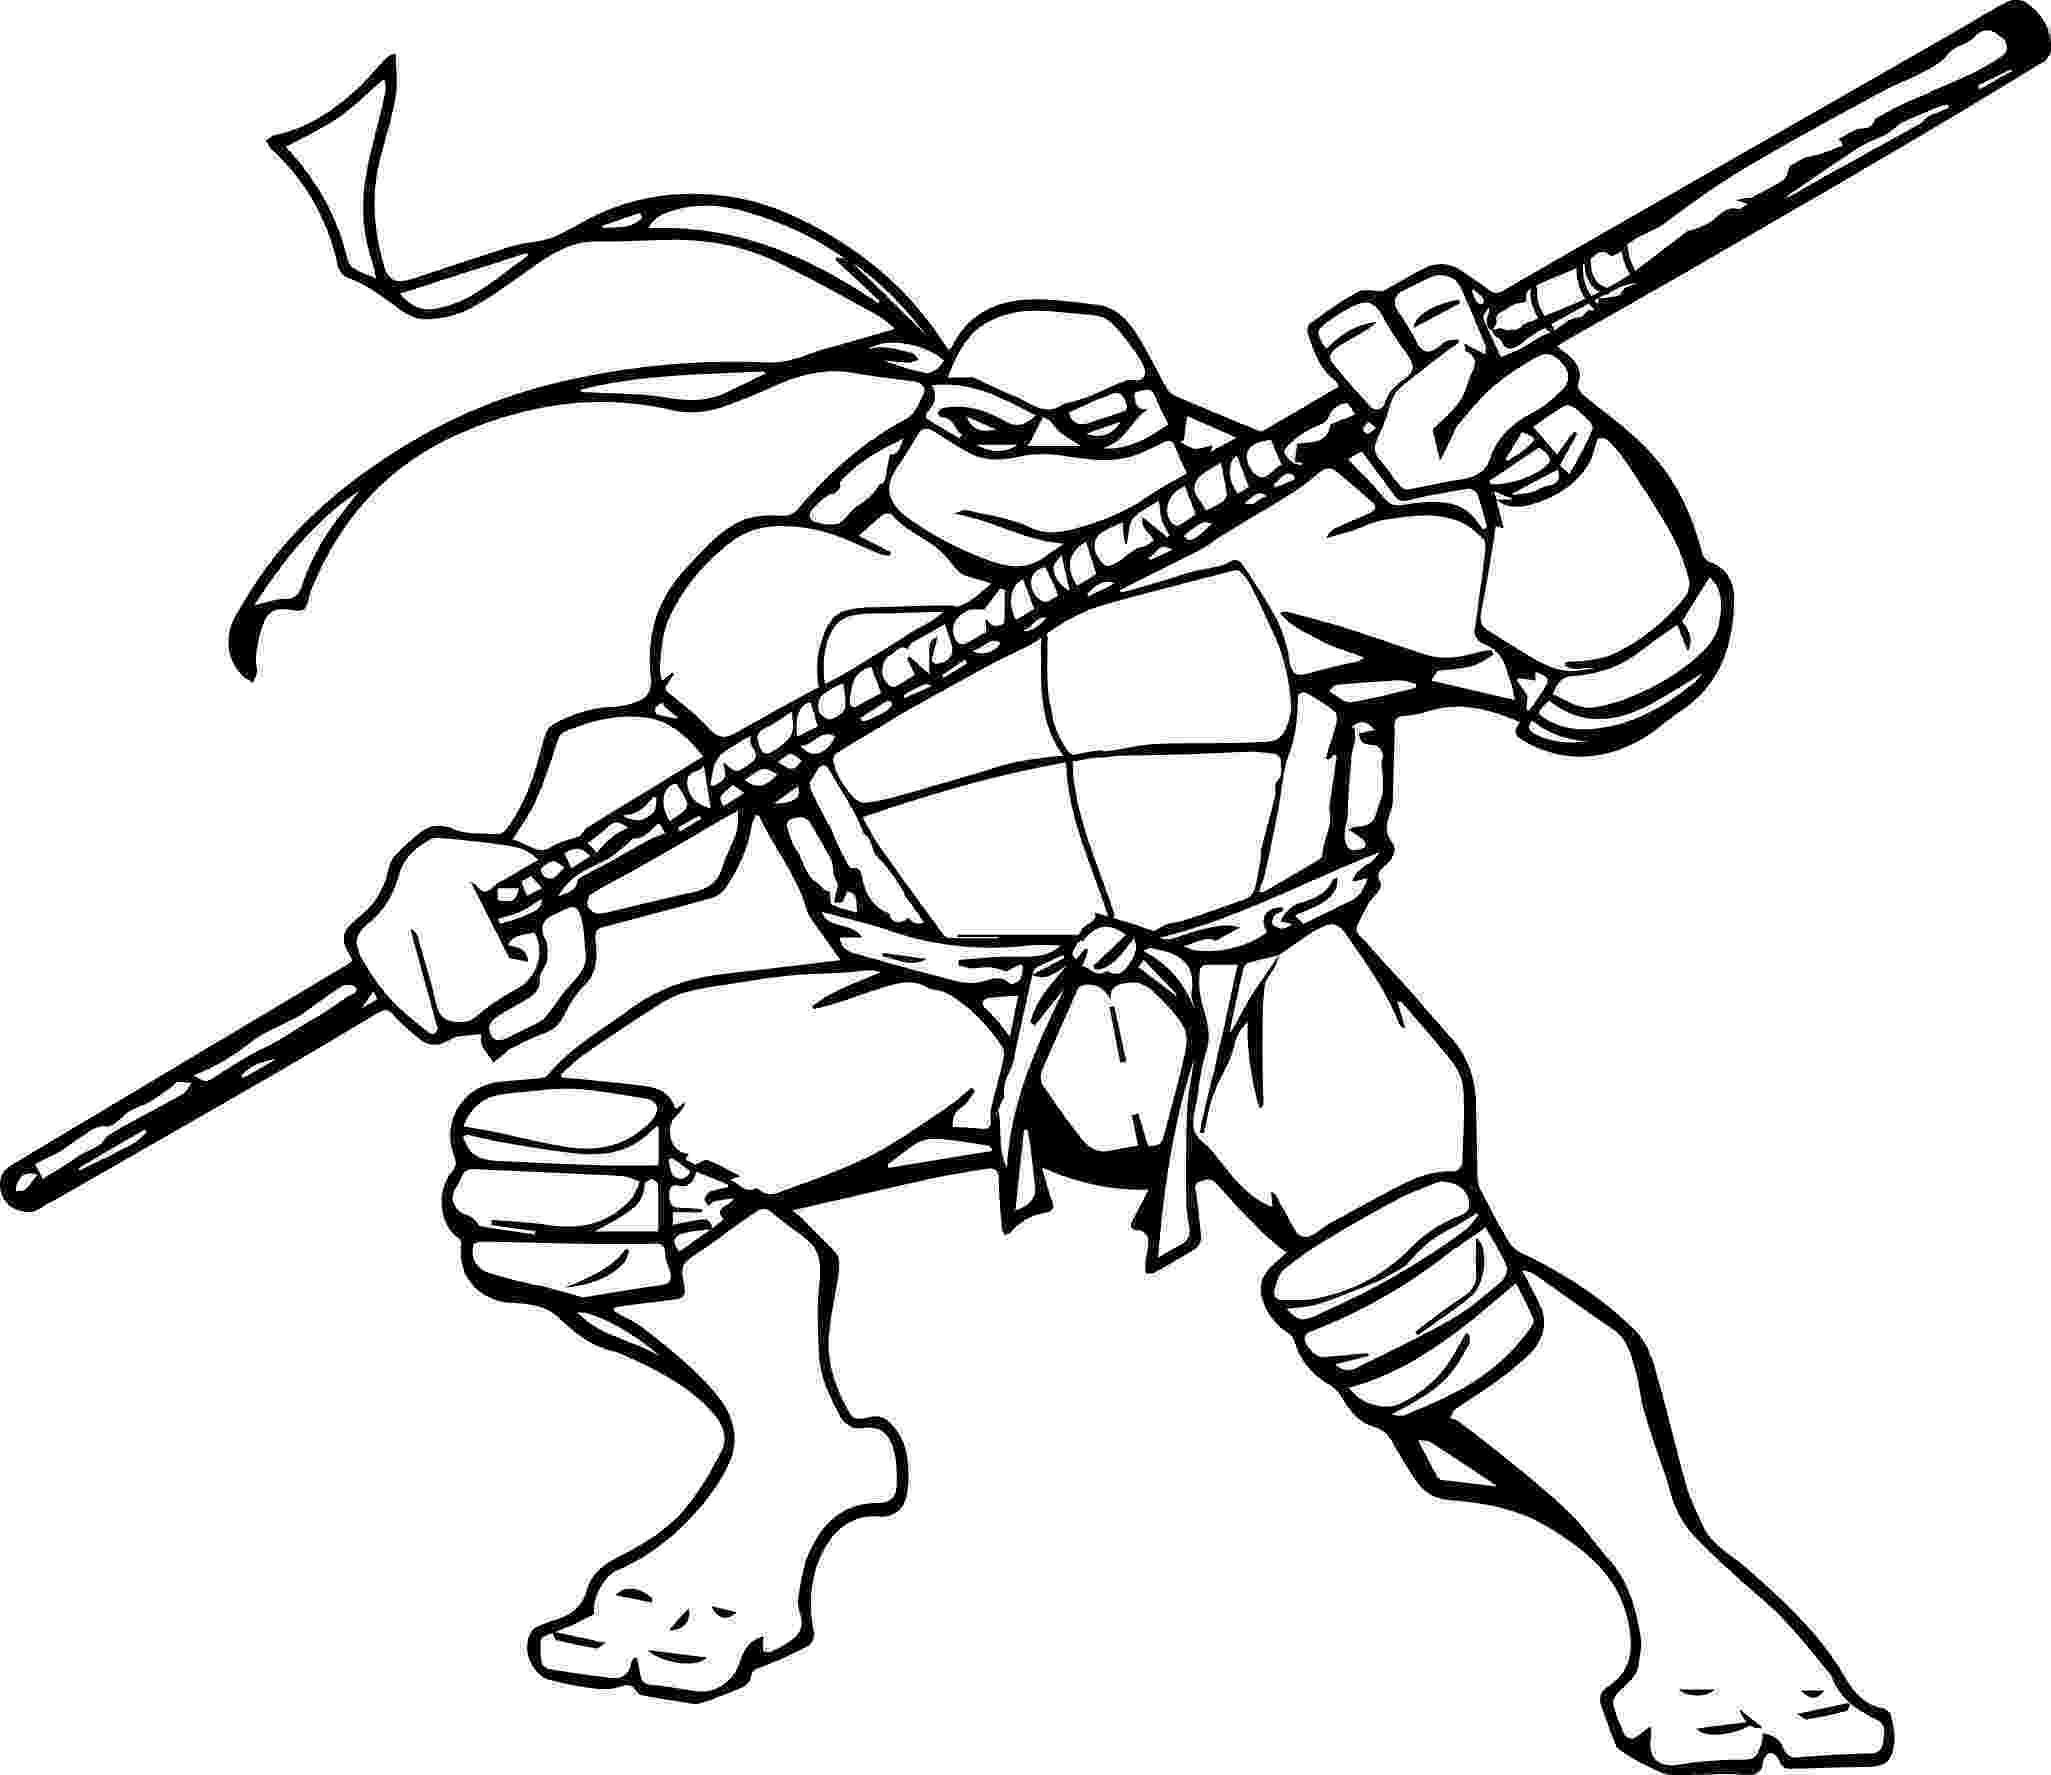 teenage mutant ninja turtles to color teenage mutant ninja turtles printable coloring pages teenage color turtles mutant to ninja